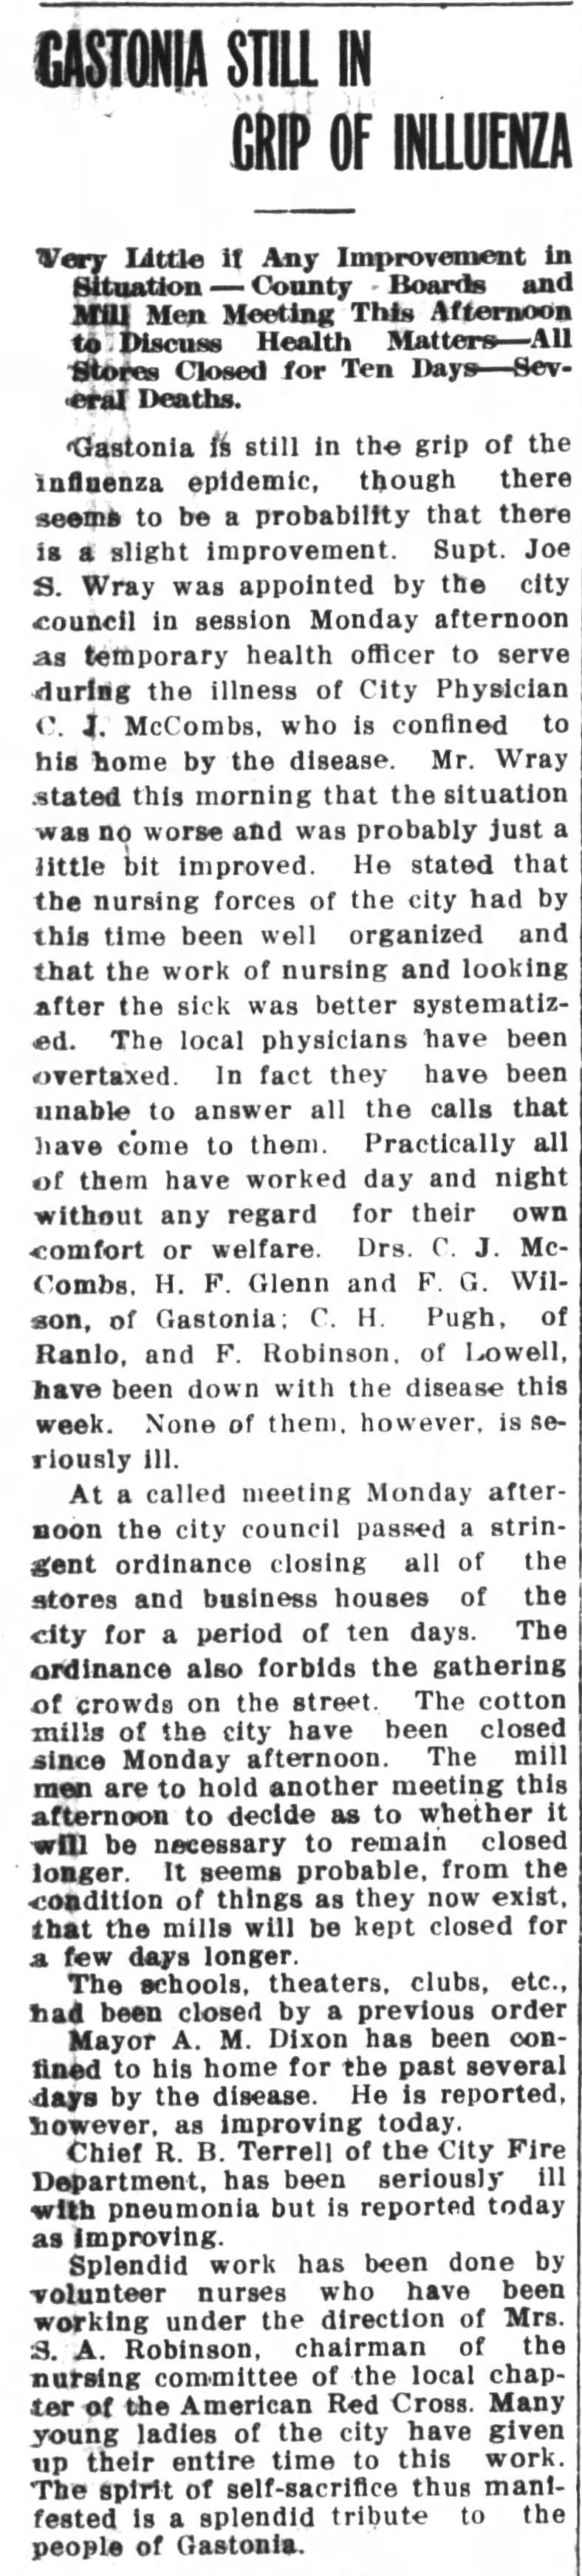 Roy Martin's November 1918 Spanish Flu Letter | NC DNCR